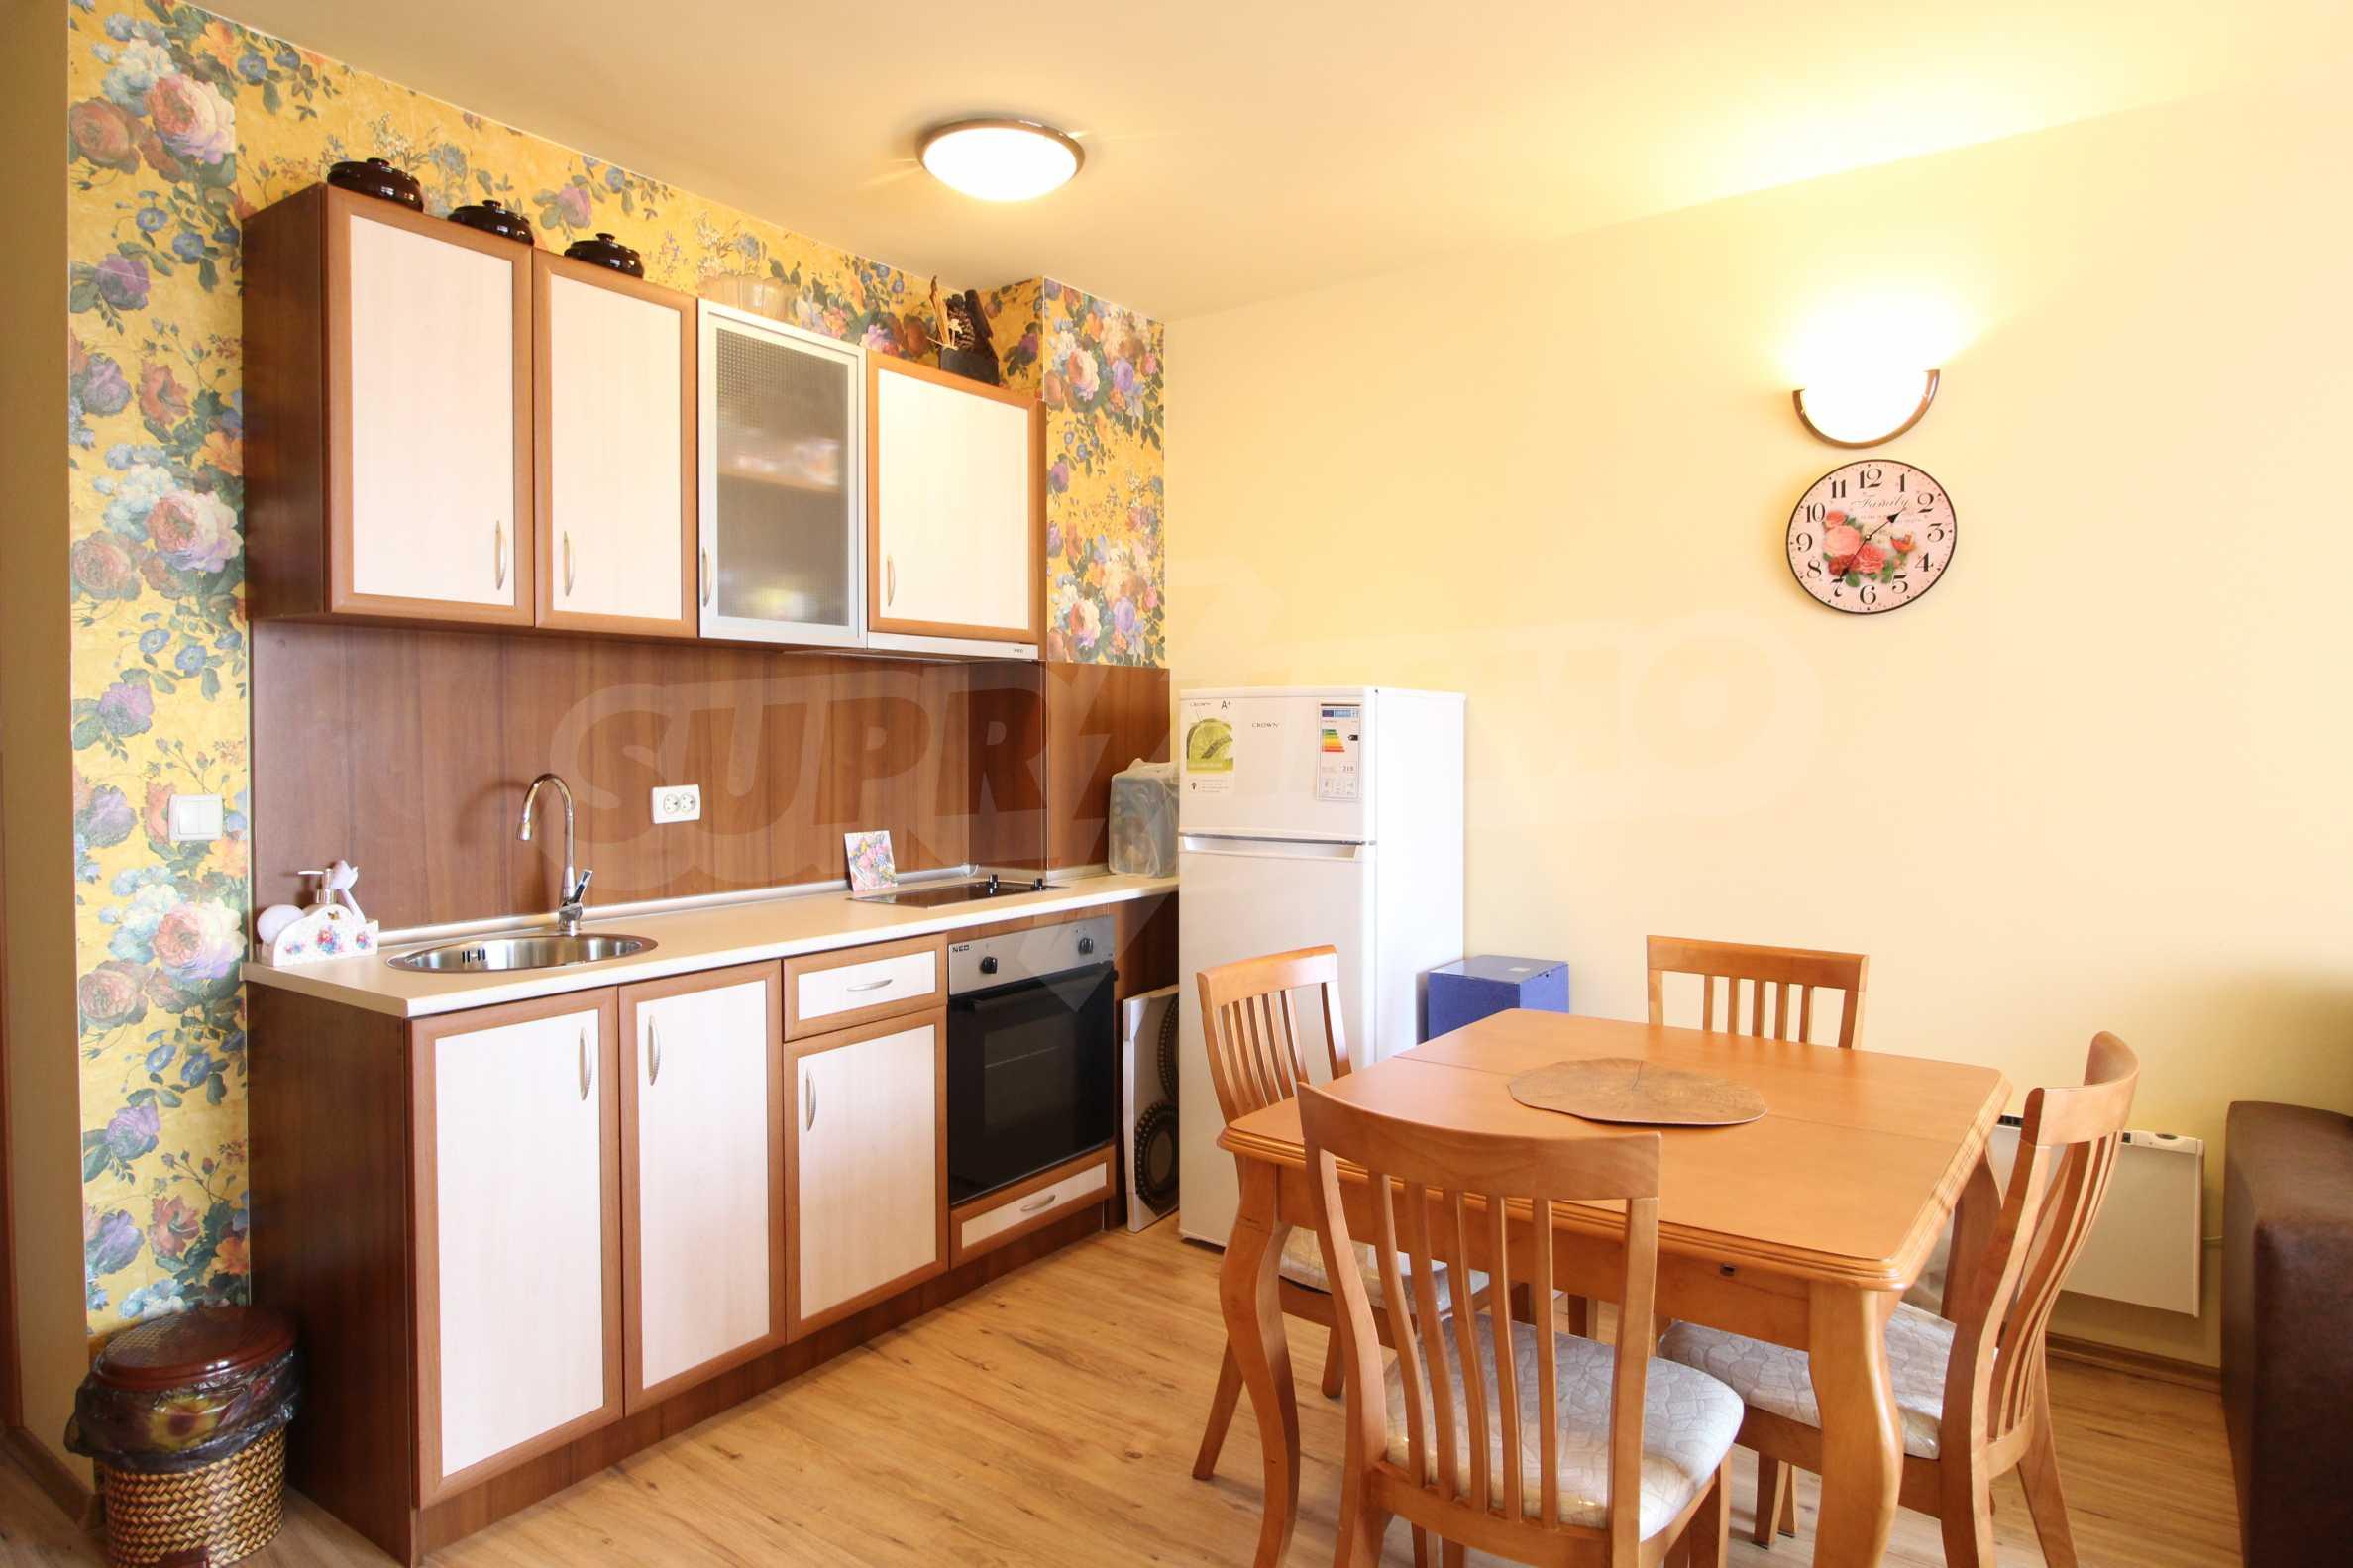 Нов едностаен апартамент в ски курорта Банско 5